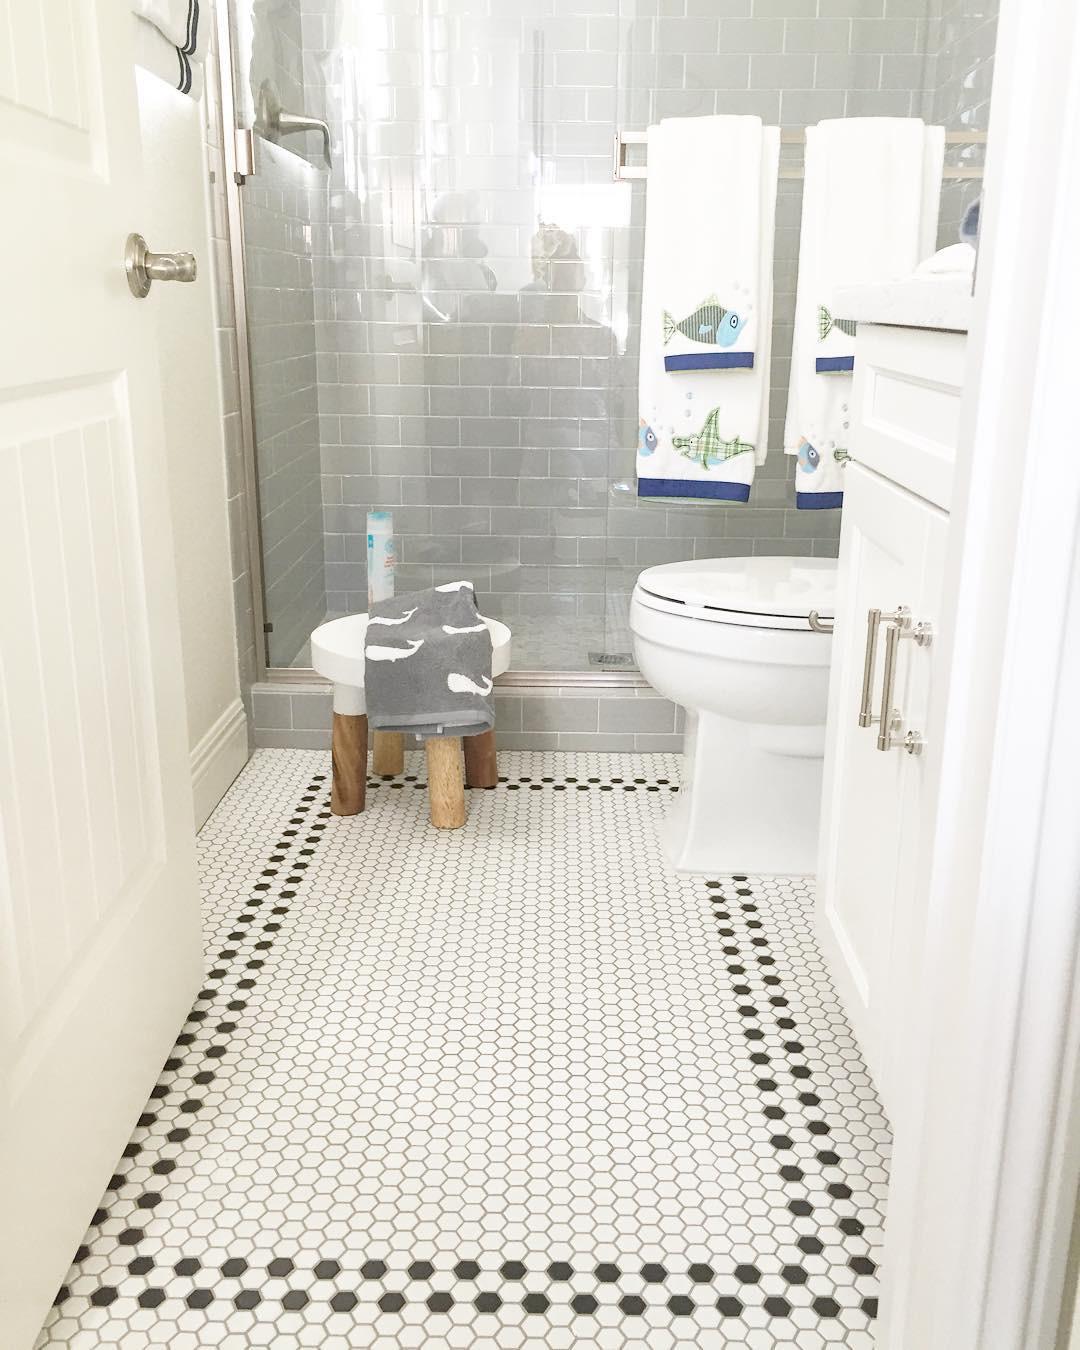 Best ideas about Bathroom Floor Tile Ideas . Save or Pin 23 Bathroom Tiles Designs Bathroom Designs Now.